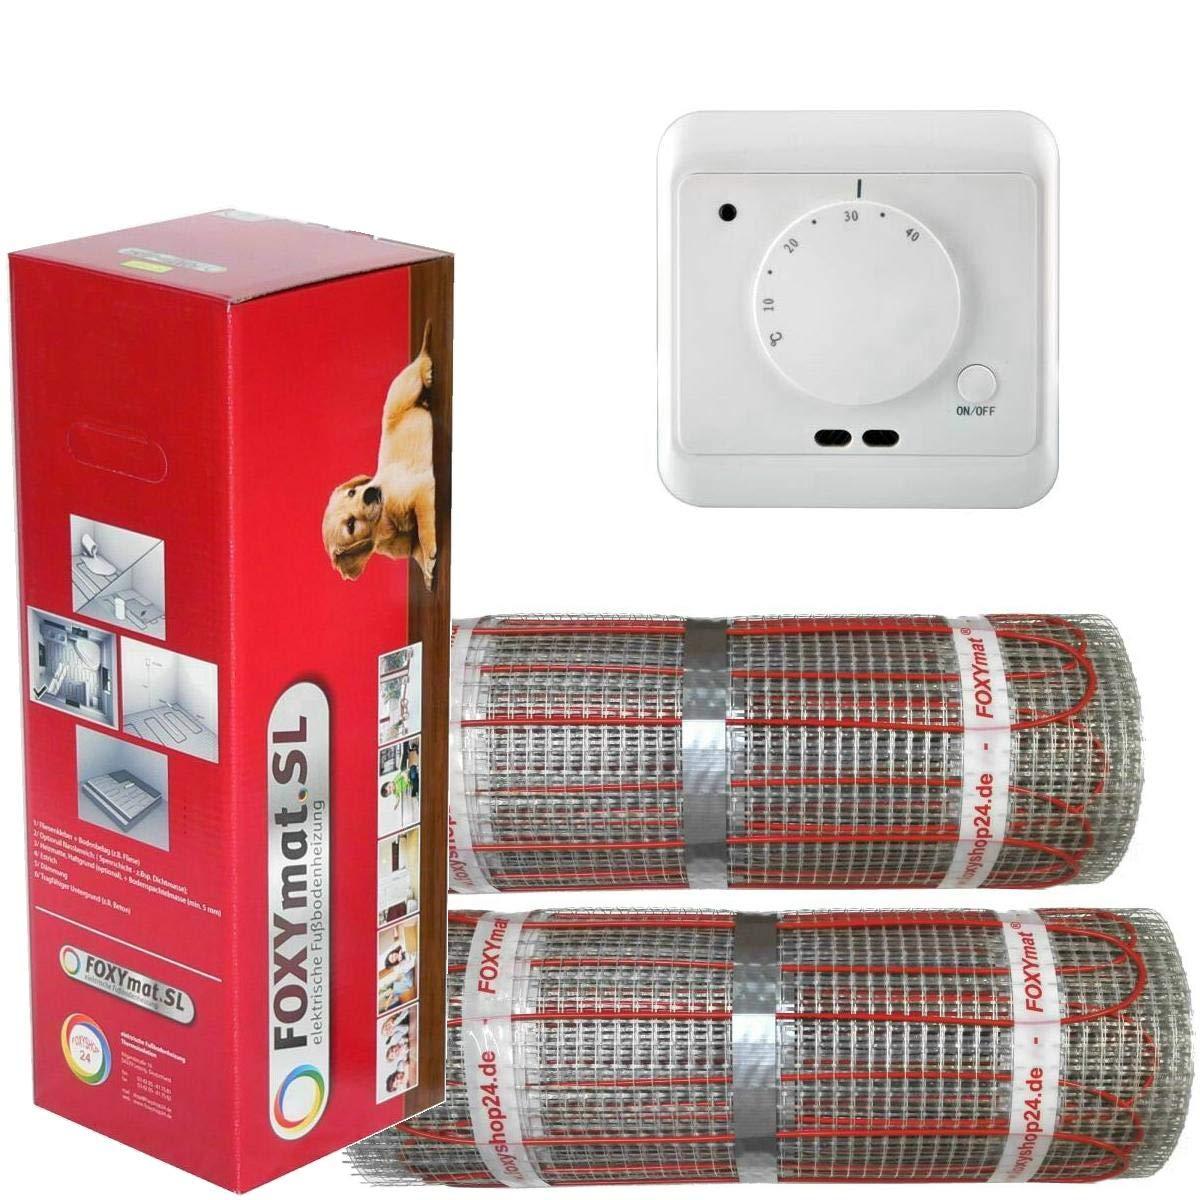 mit Thermostat QM-AG,Komplett-Set 200 Watt pro m/²,f/ür die schnelle Erw/ärmung FOXYSHOP24-elektrische Fu/ßbodenheizung PREMIUM MARKE FOXYMAT.SL RAPID 10.0 m/² 0.5m x 20m